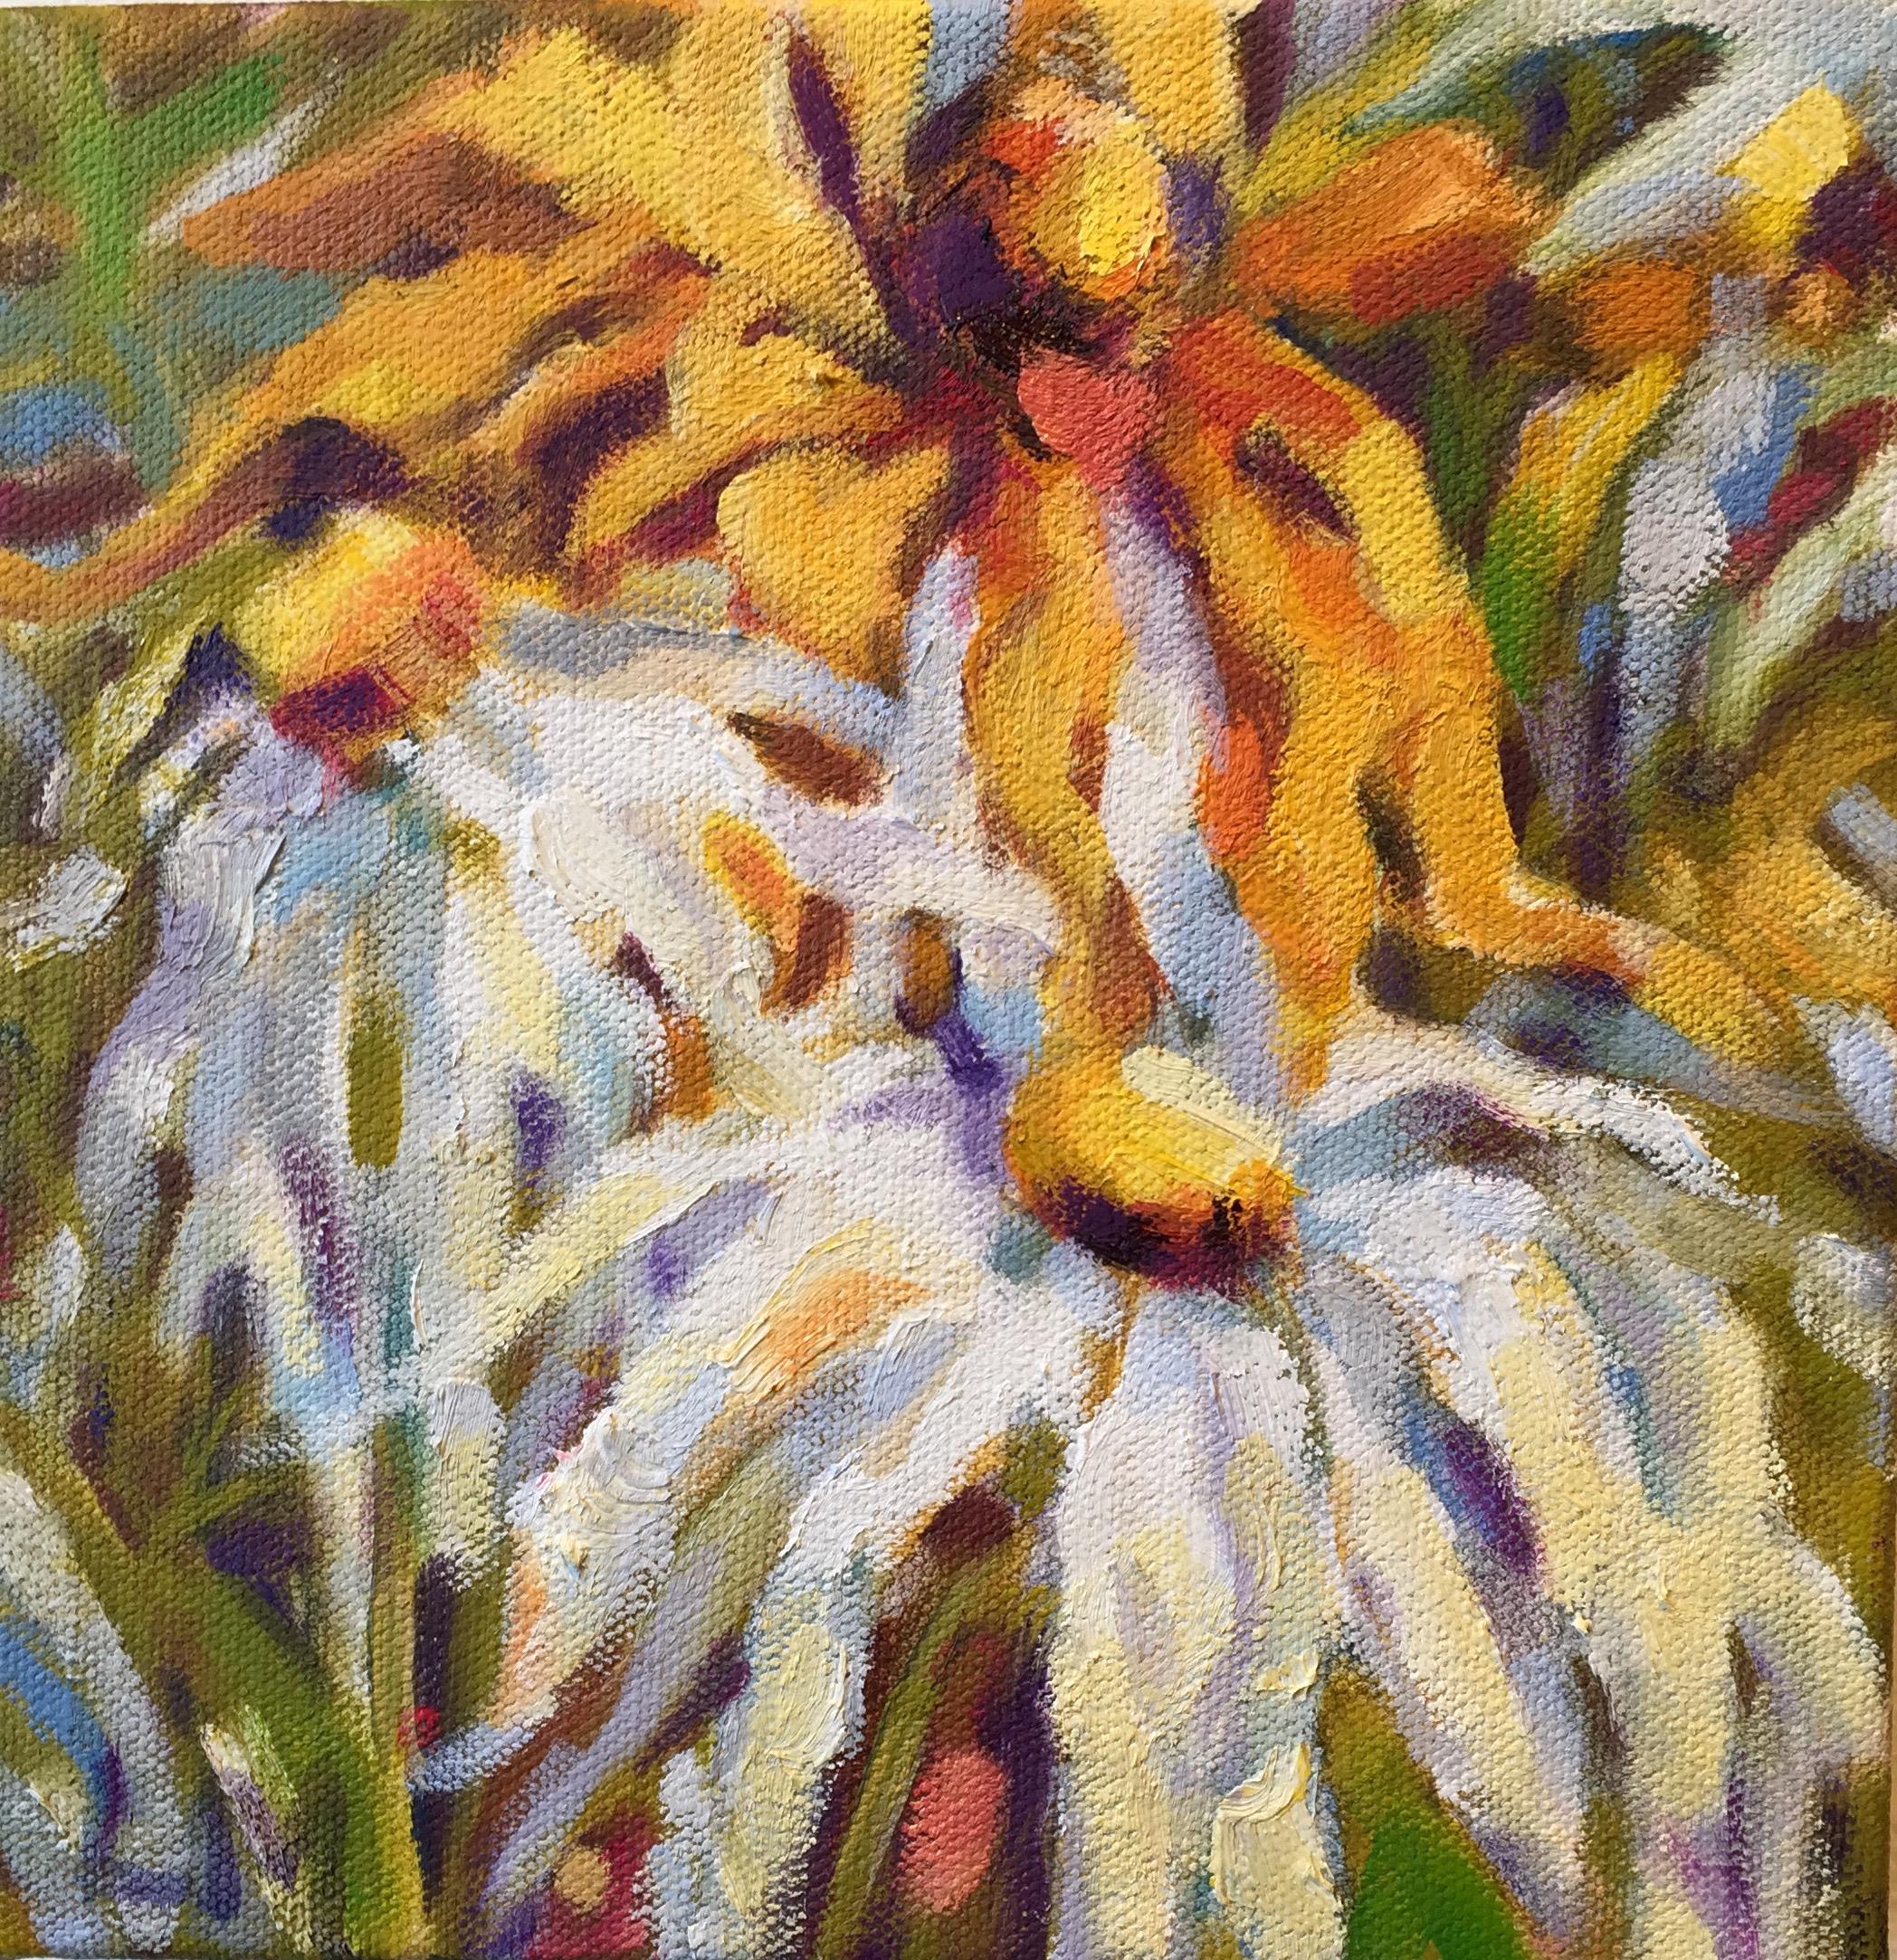 Daisies, oils, 8 x8